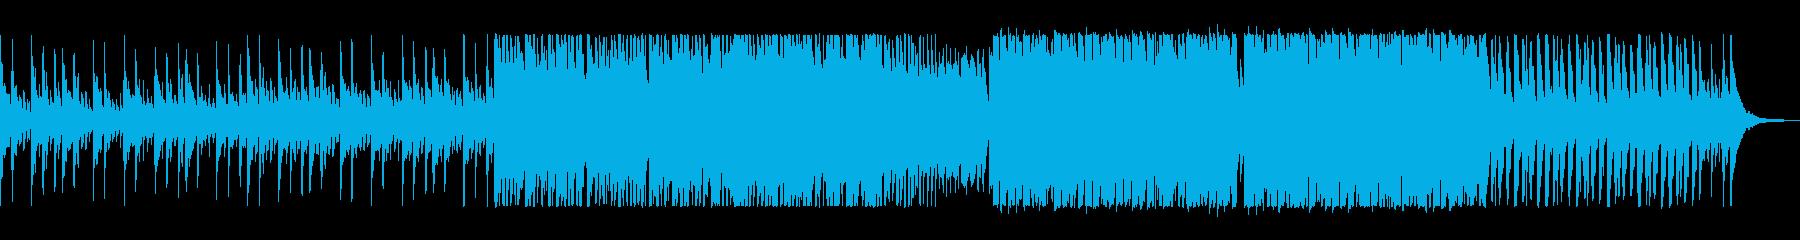 アップテンポの前向きな電子ピアノの曲の再生済みの波形